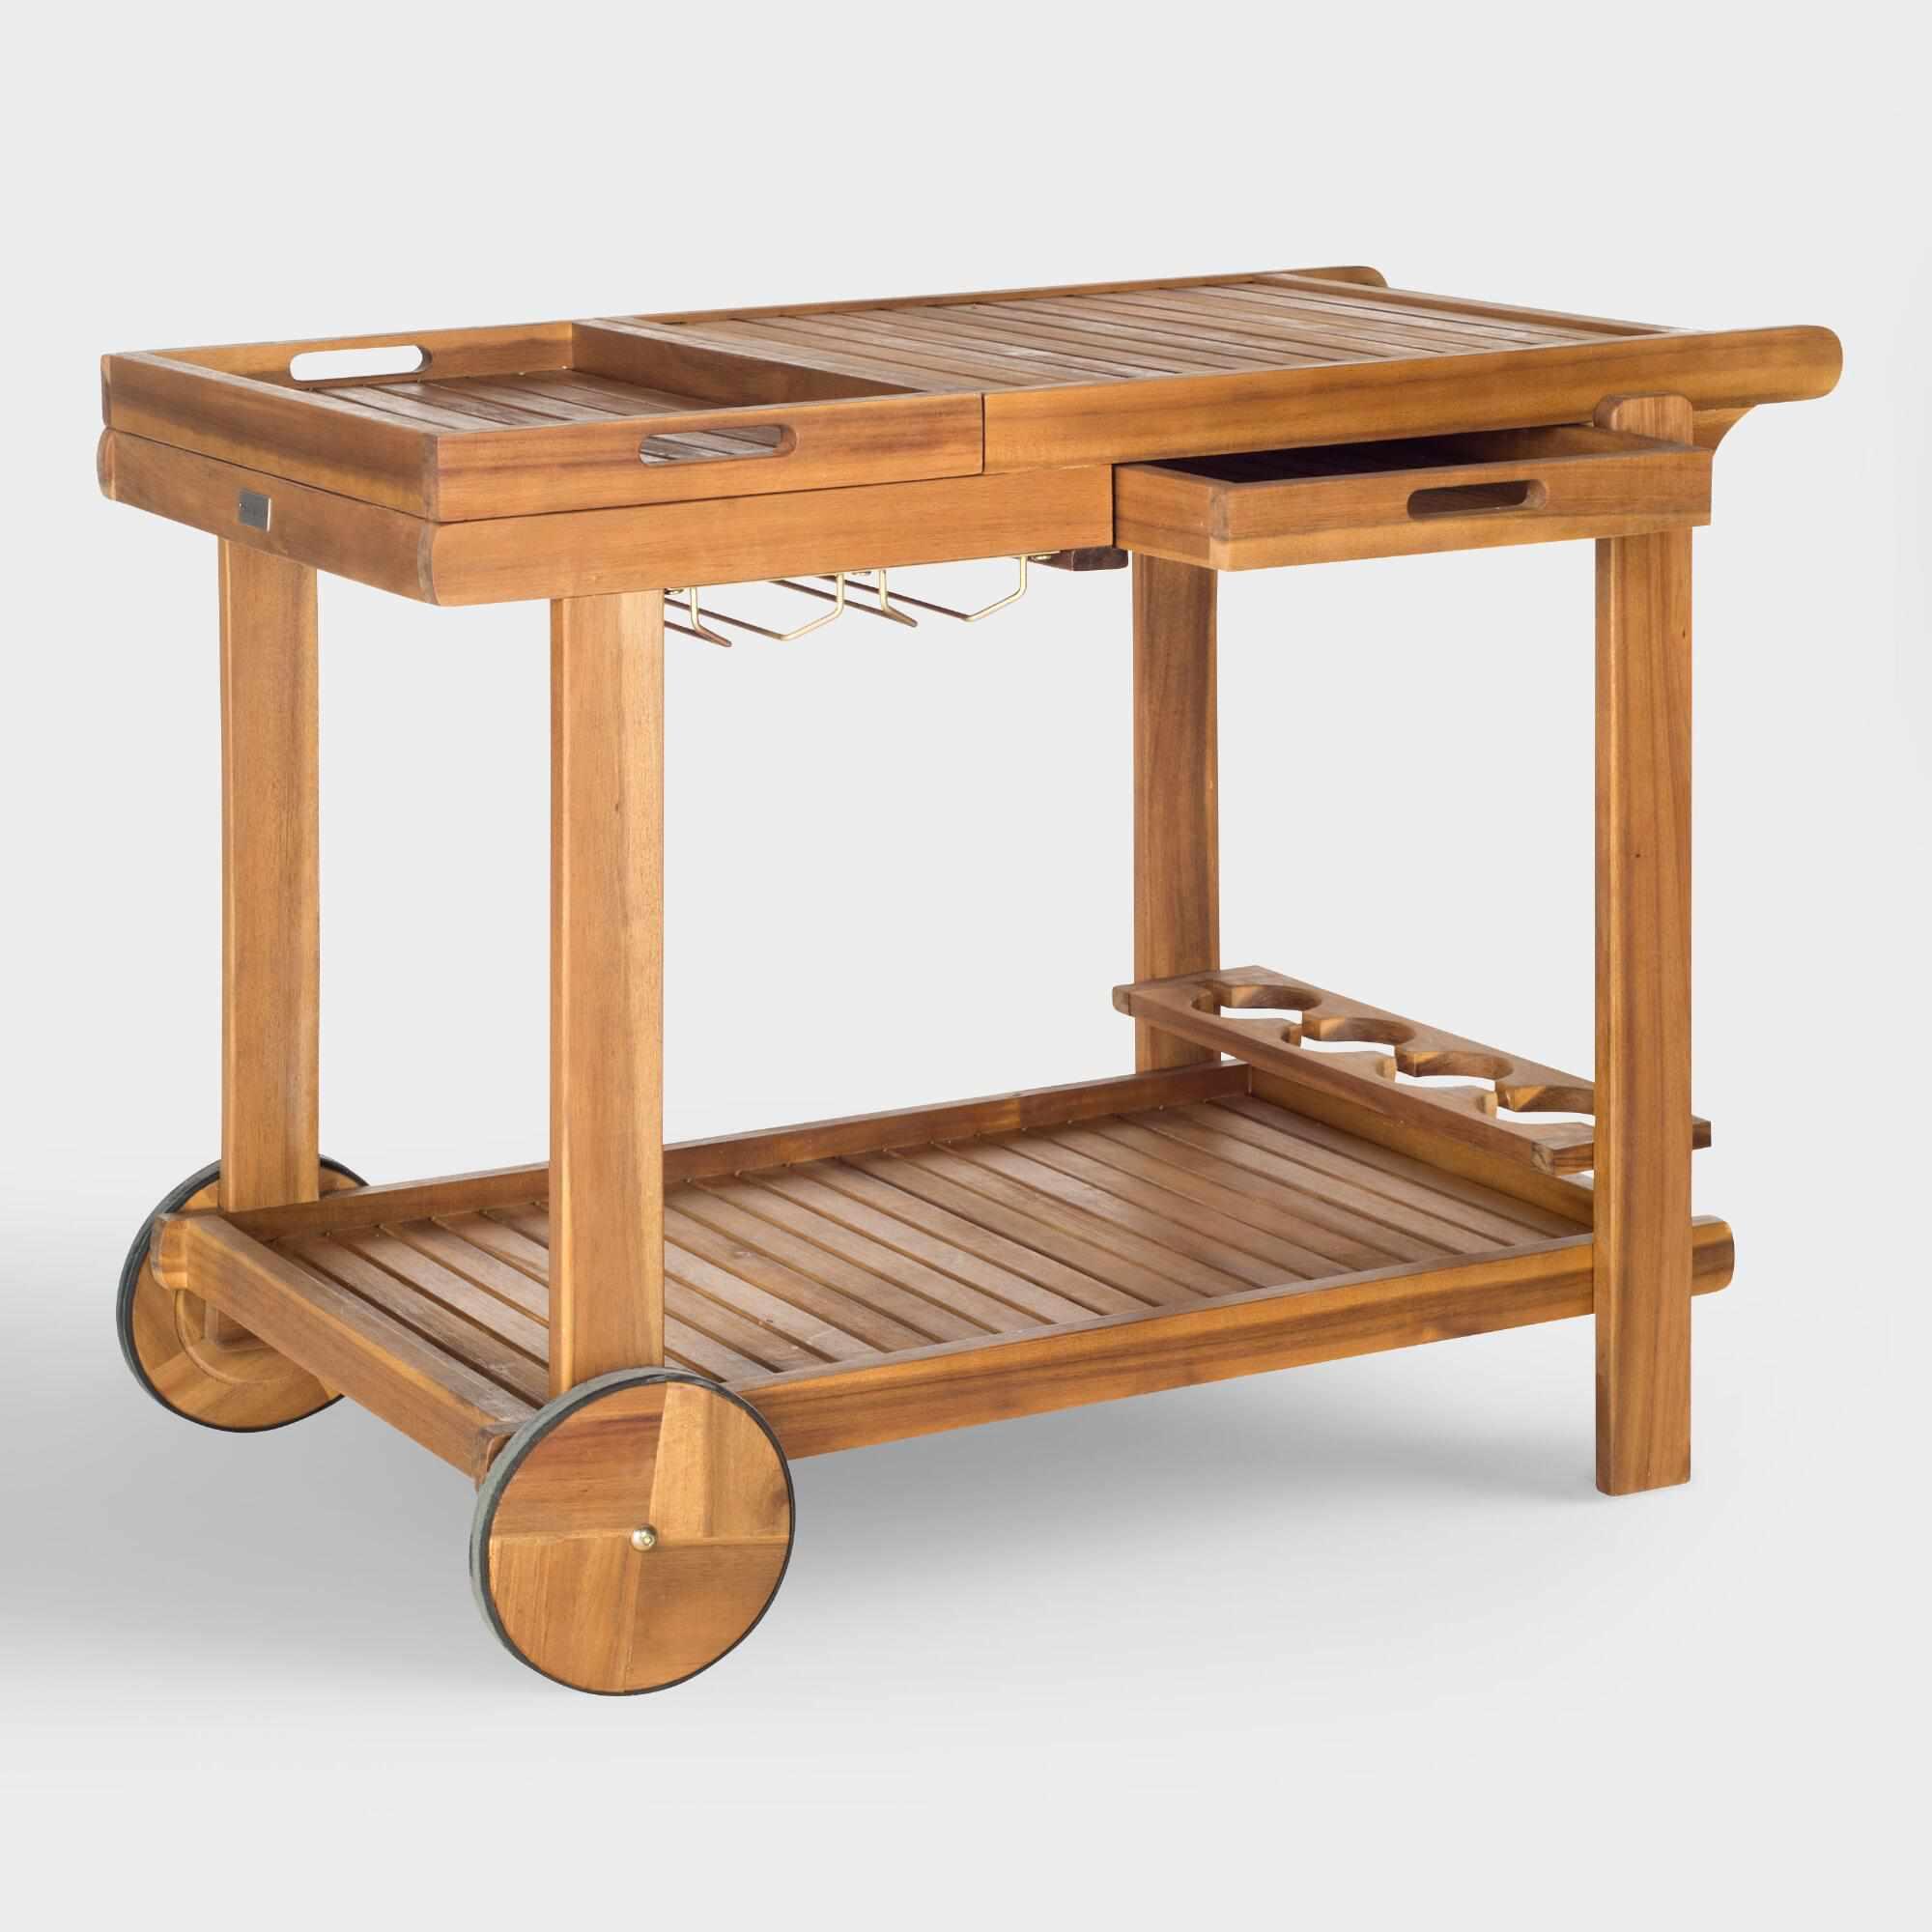 wooden outdoor bar cart